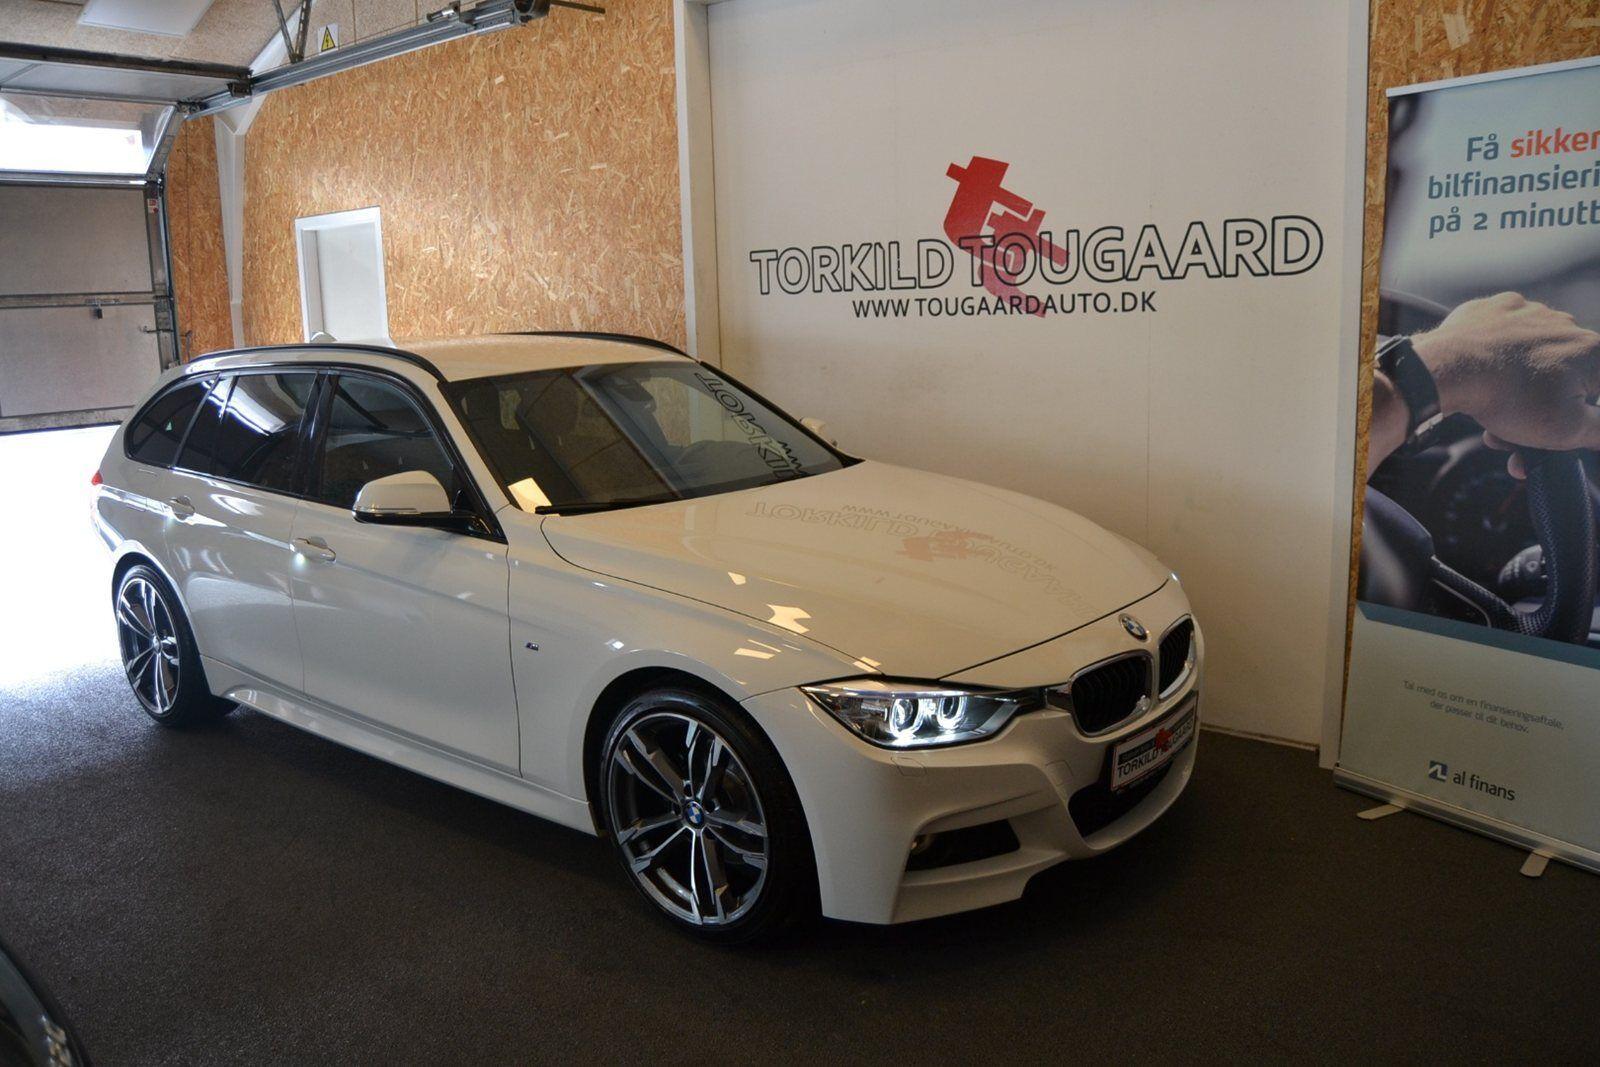 BMW 320d 2,0 Touring aut. 5d - 329.800 kr.